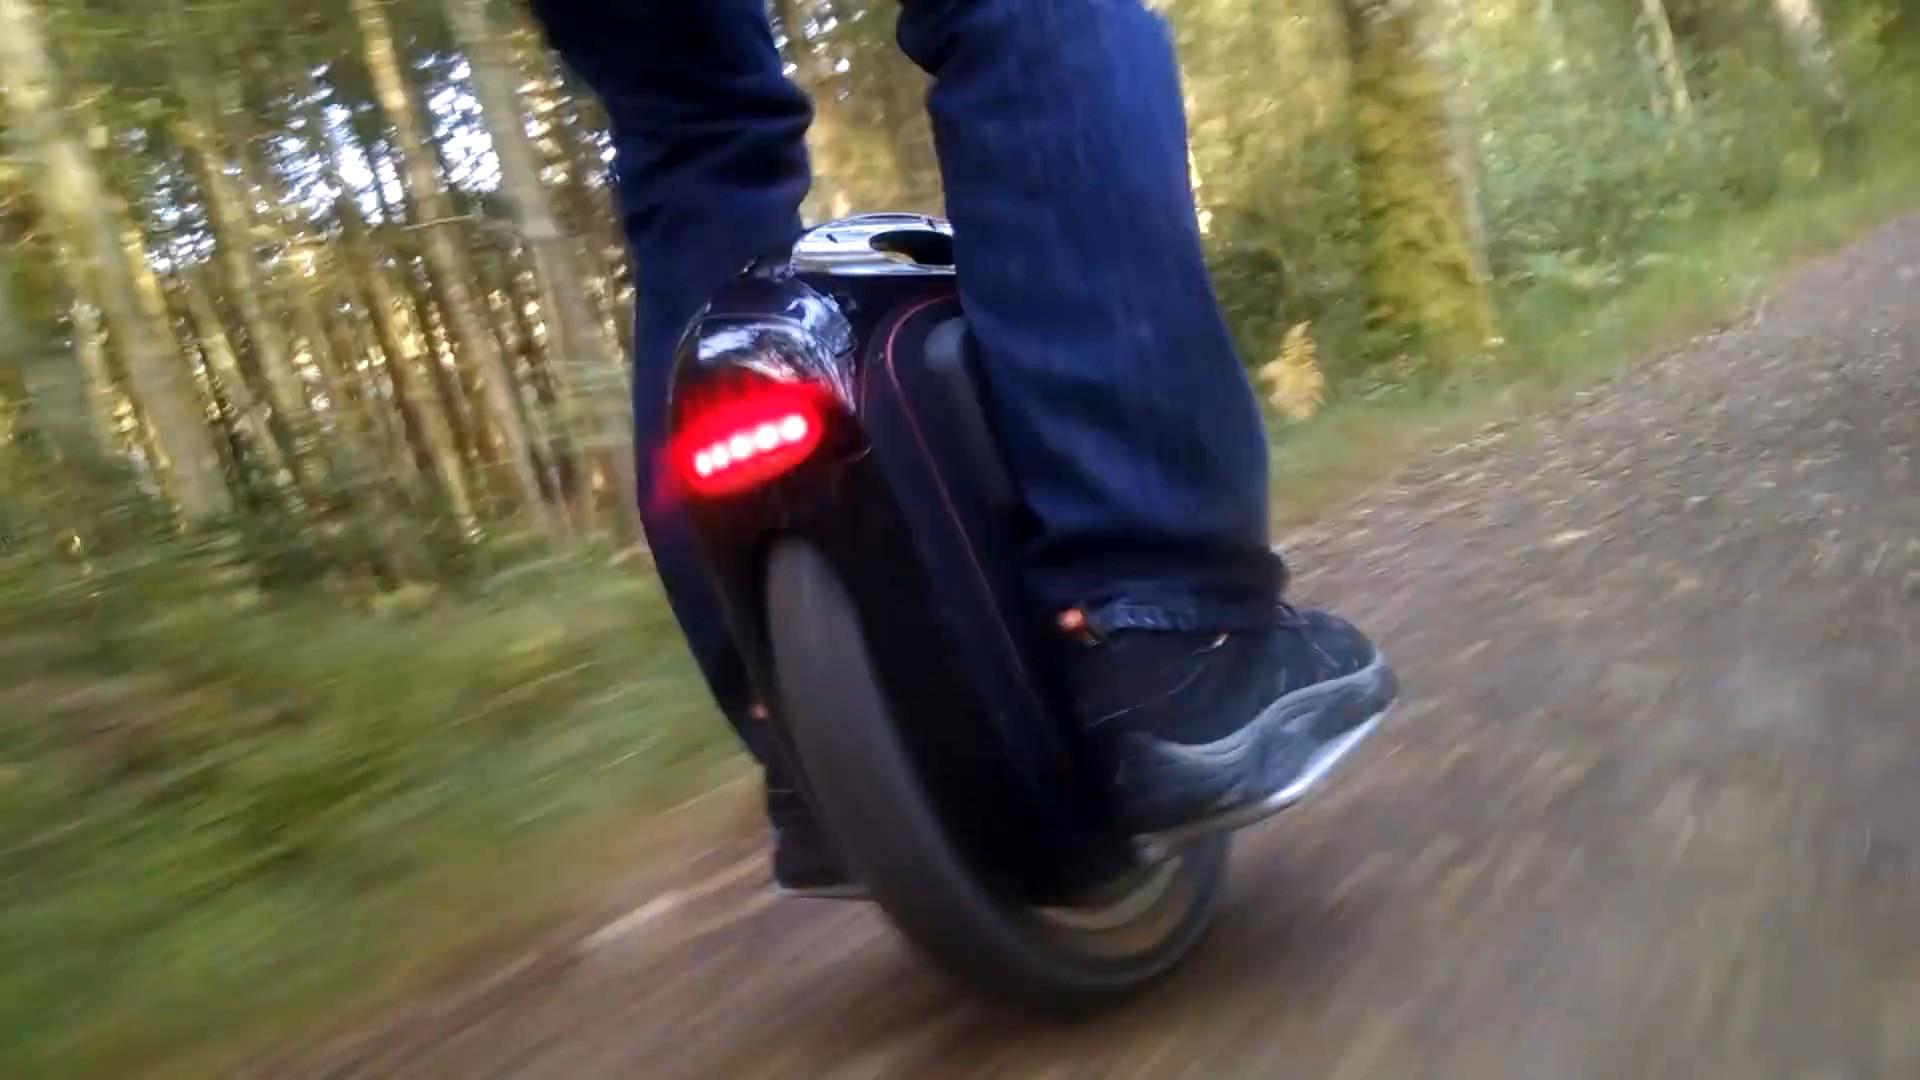 Чтобы не путаться в терминах: это моноколесо. Вопреки названию, колесо не всегда бывает одно (есть, например, двухколёсные модели Inmotion, Airwheel и др.), но оно всегда расположено между педалей. Здесь: GotWay Msuper v3 — один из самых тяжёлых, но и мощных аппаратов.